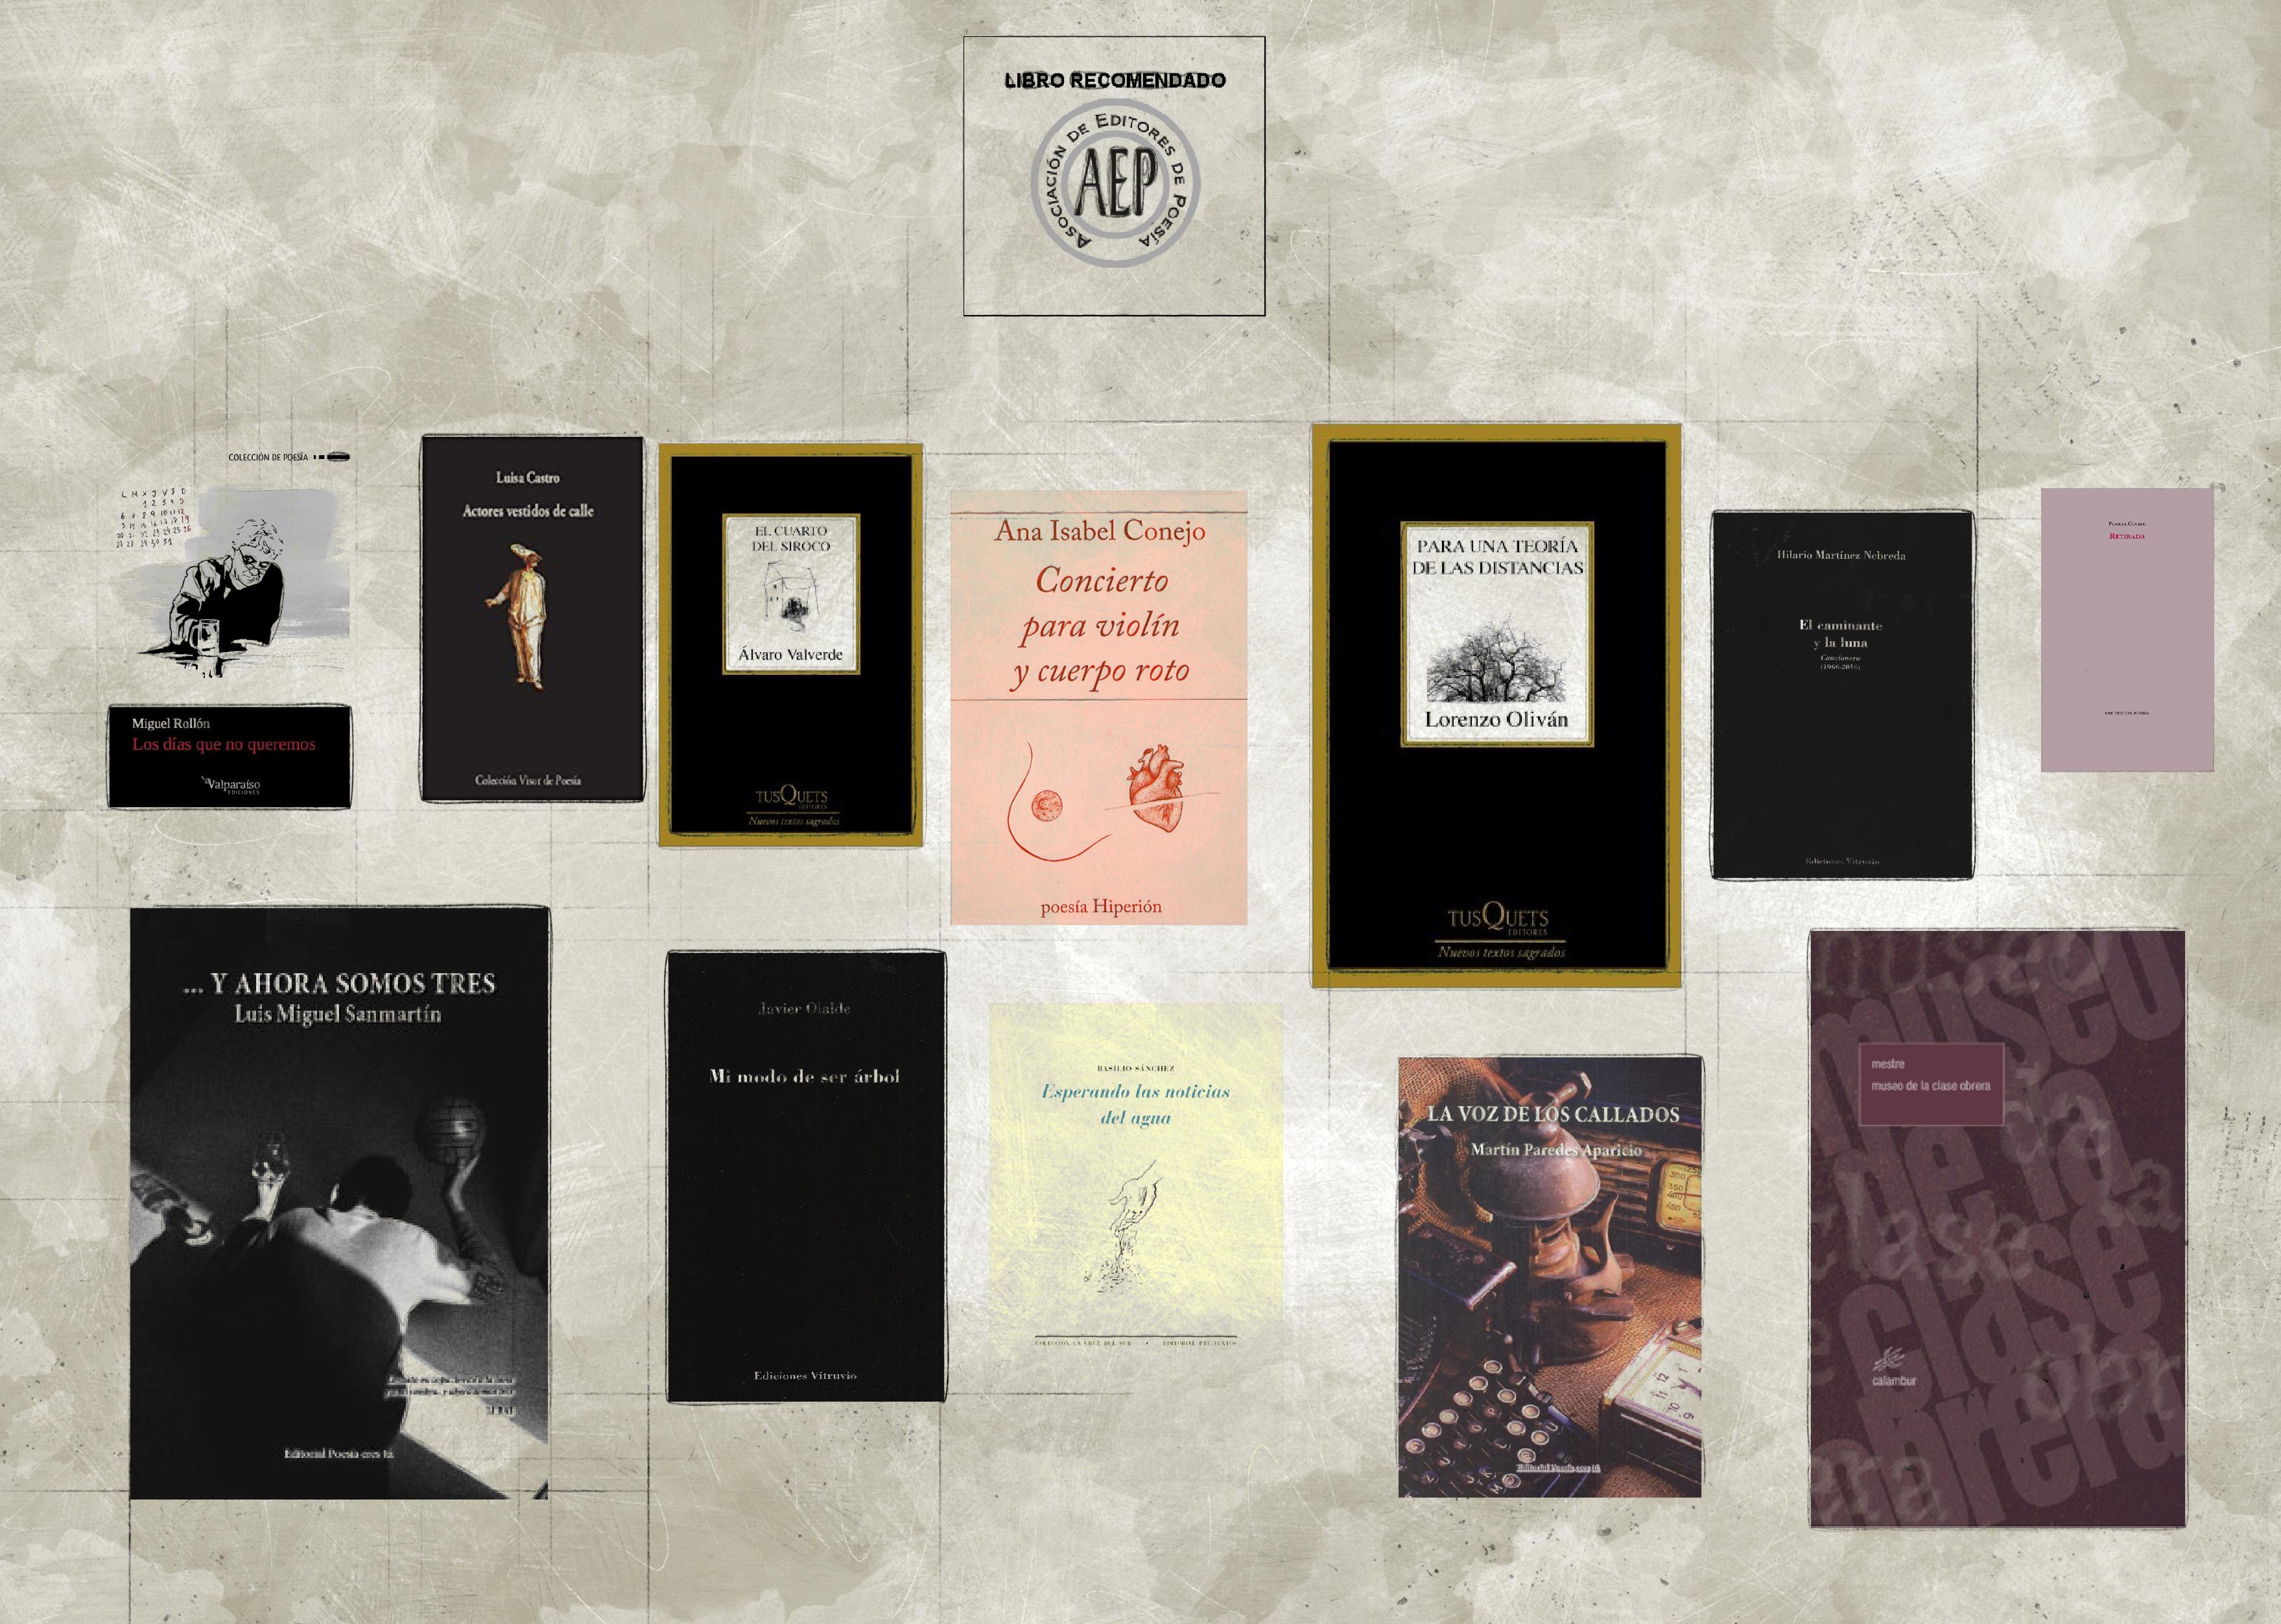 los 12 mejores libros de poesía del año 2018 Los 12 mejores libros de poesía del año 2018 Libreosrecomedado2018 RevistaPoes  aerest